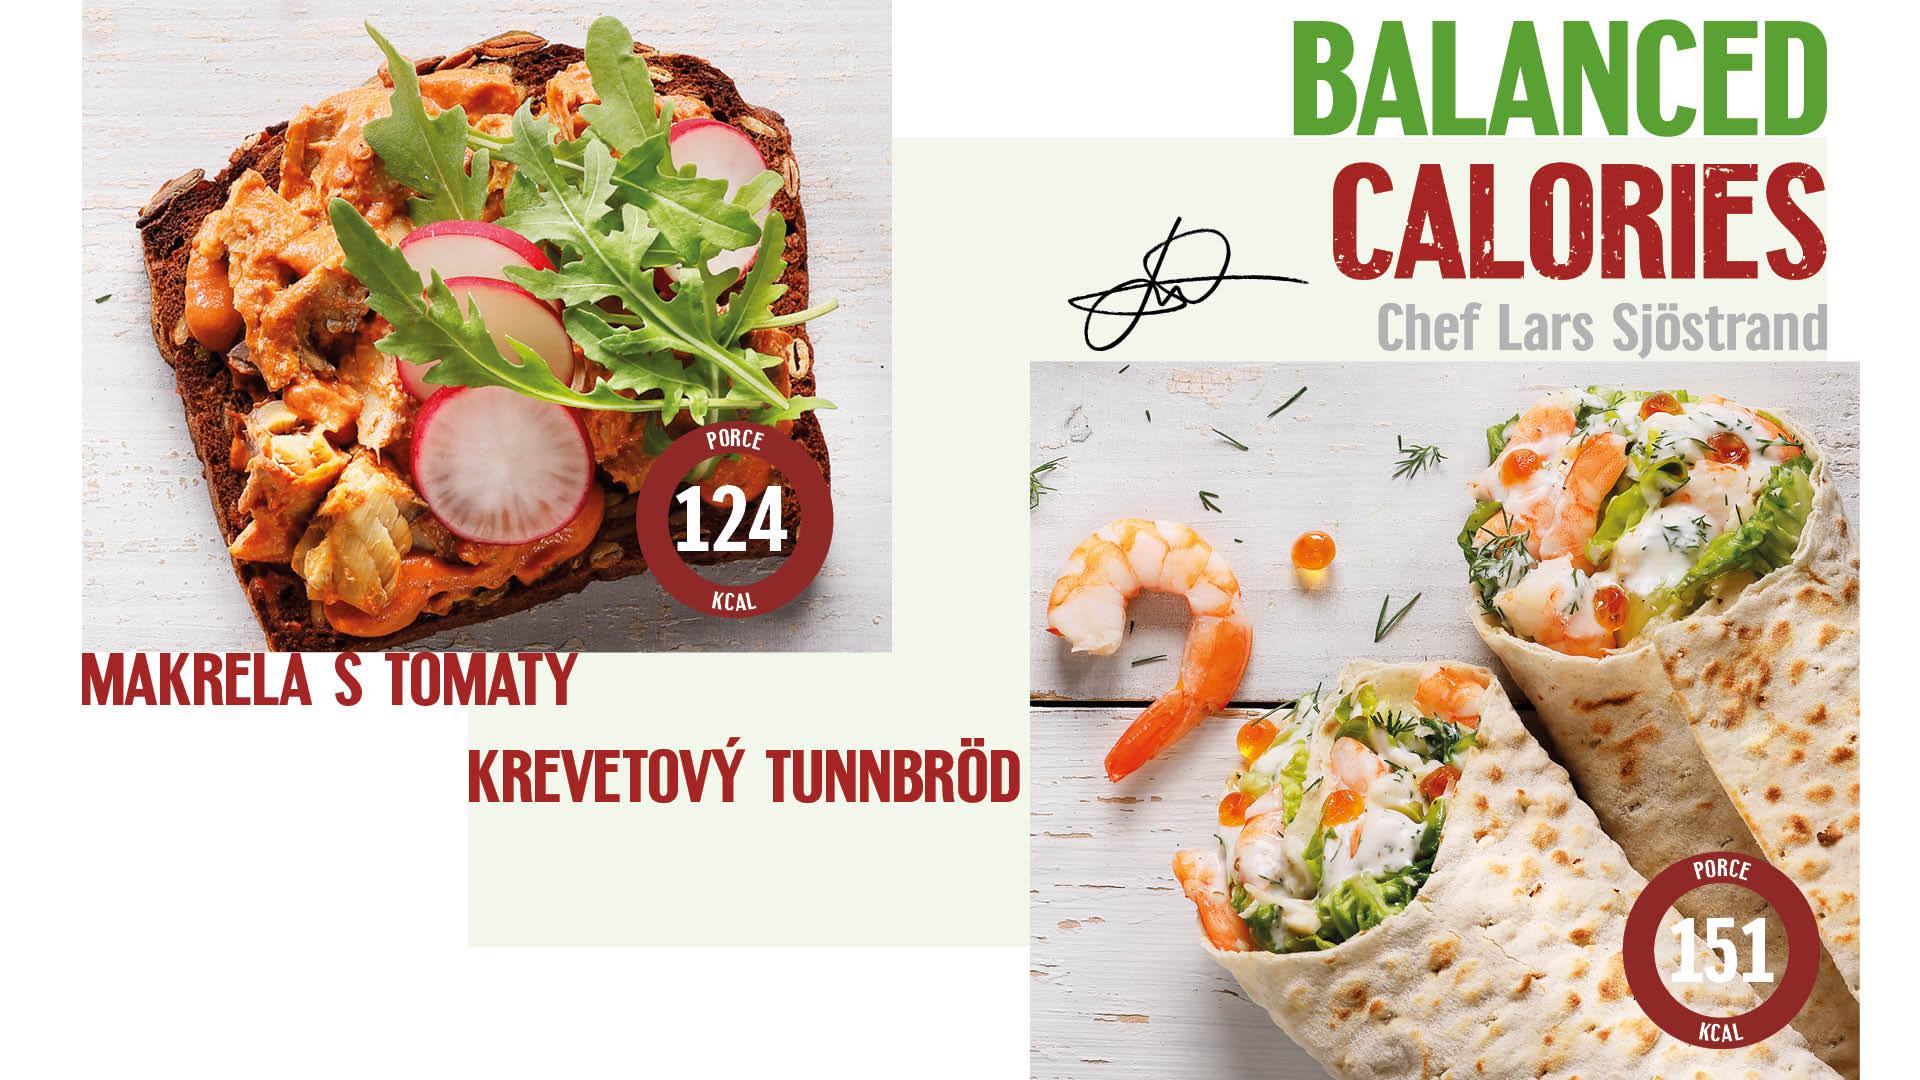 Balanced calories